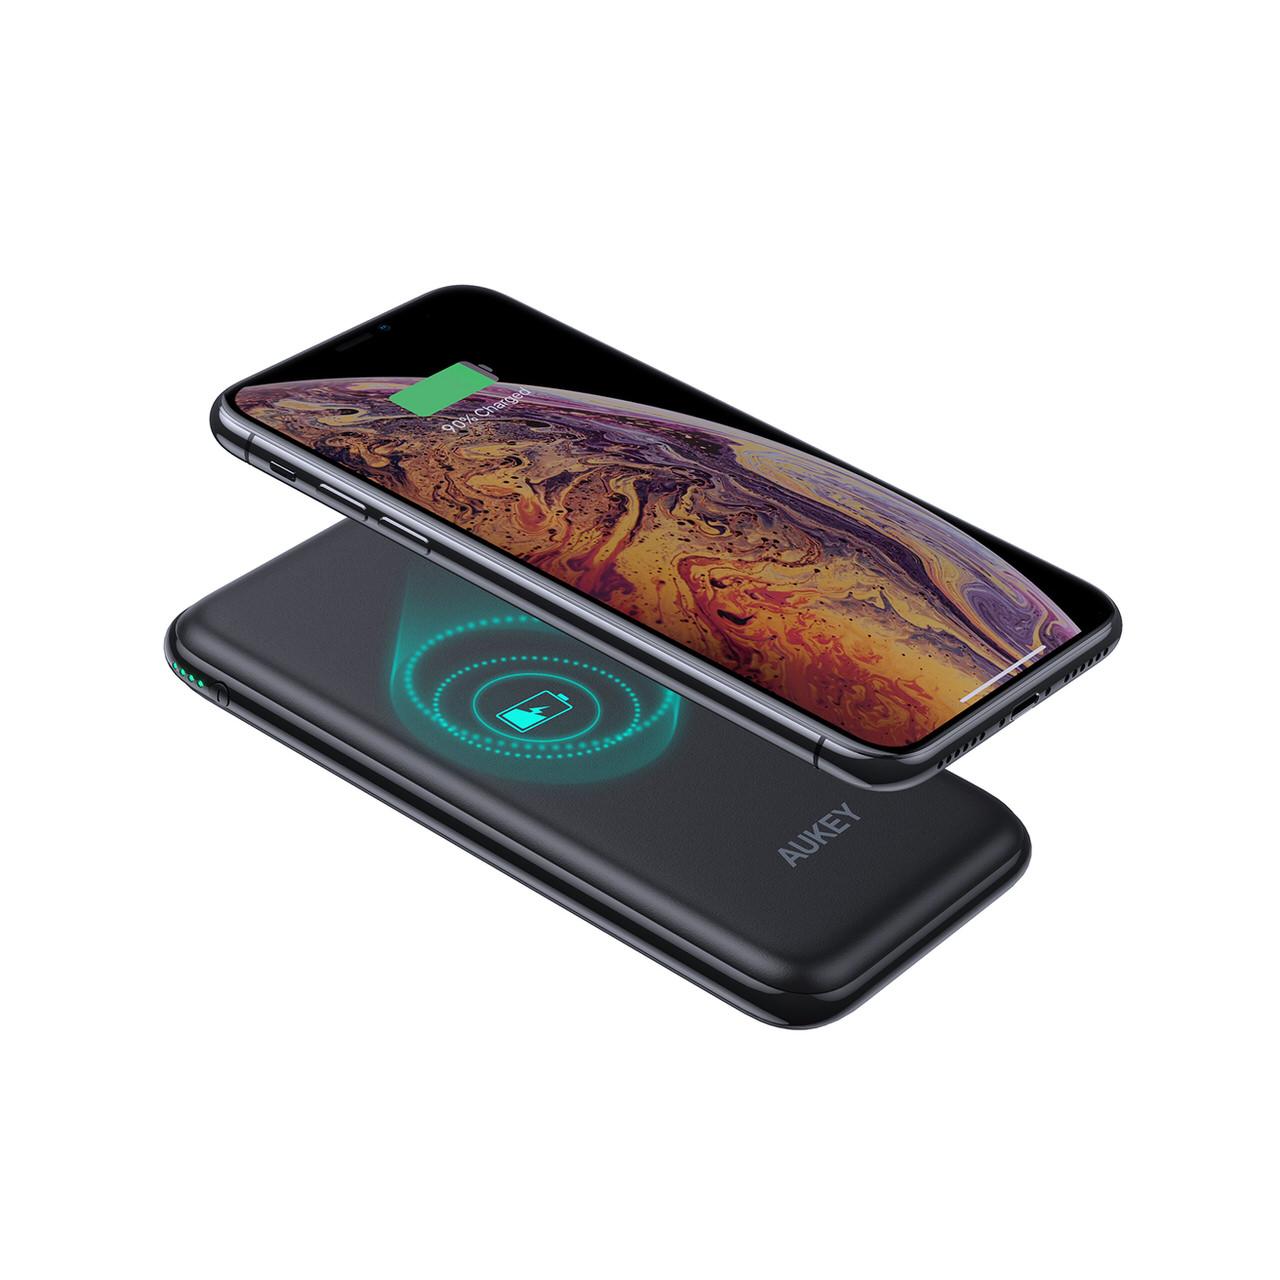 有線/無線どちらでも充電可能な8,000mAhモバイルバッテリー「PB-Y25」Amazonで30%オフの2,169円に(11/7まで)